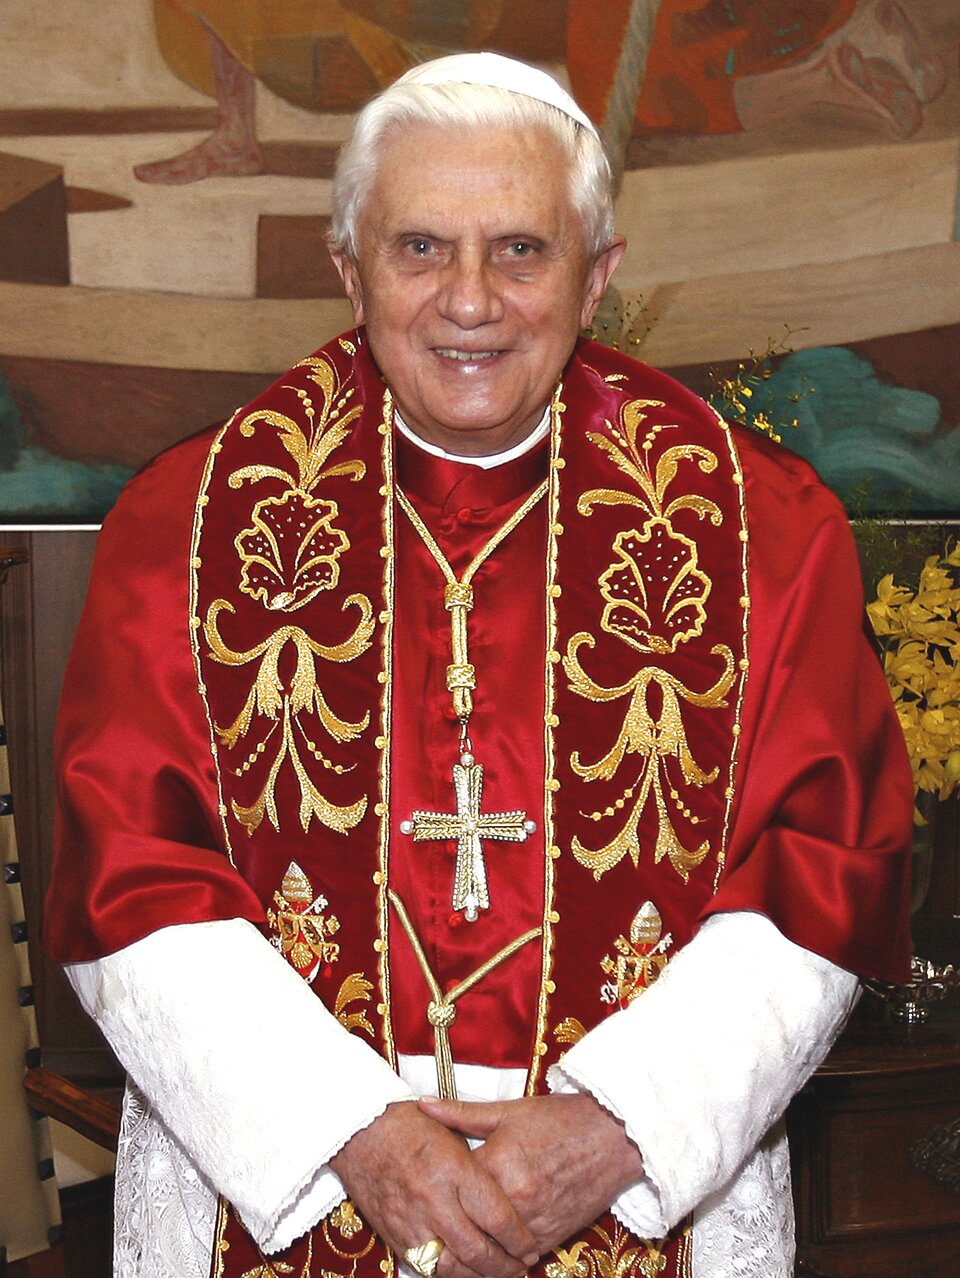 Joseph Ratzinger (Benedykt XVI) Joseph Ratzinger (Benedykt XVI) Źródło: Fabio Pozzebom, fotografia barwna, licencja: CC BY 3.0.